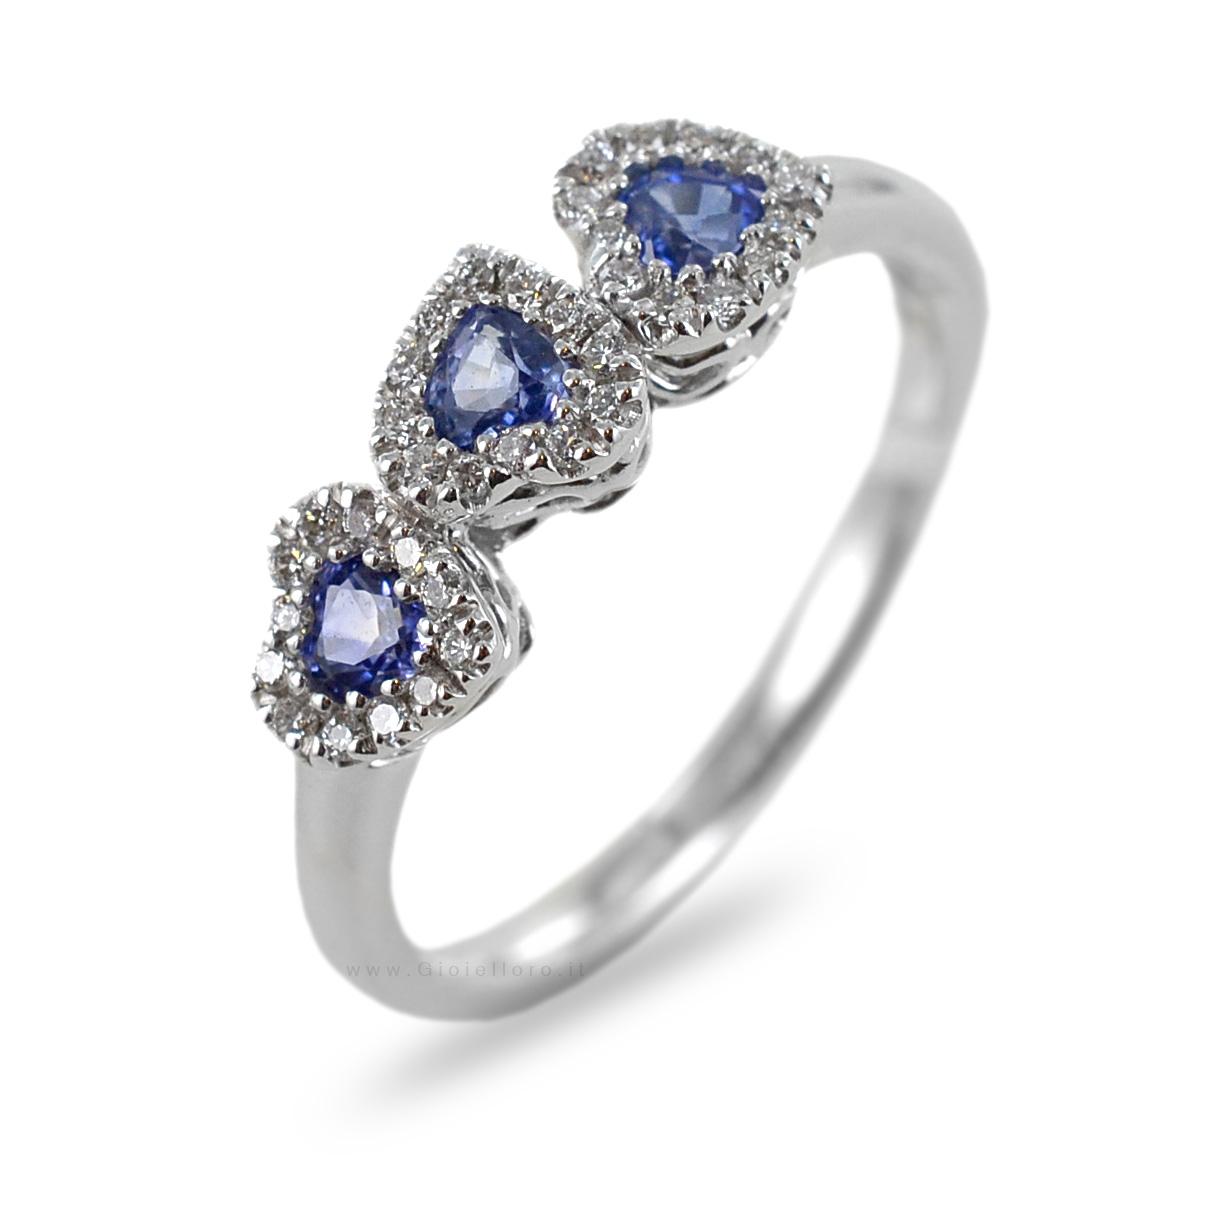 Anello fantasia Cuori con Zaffiri e Diamanti